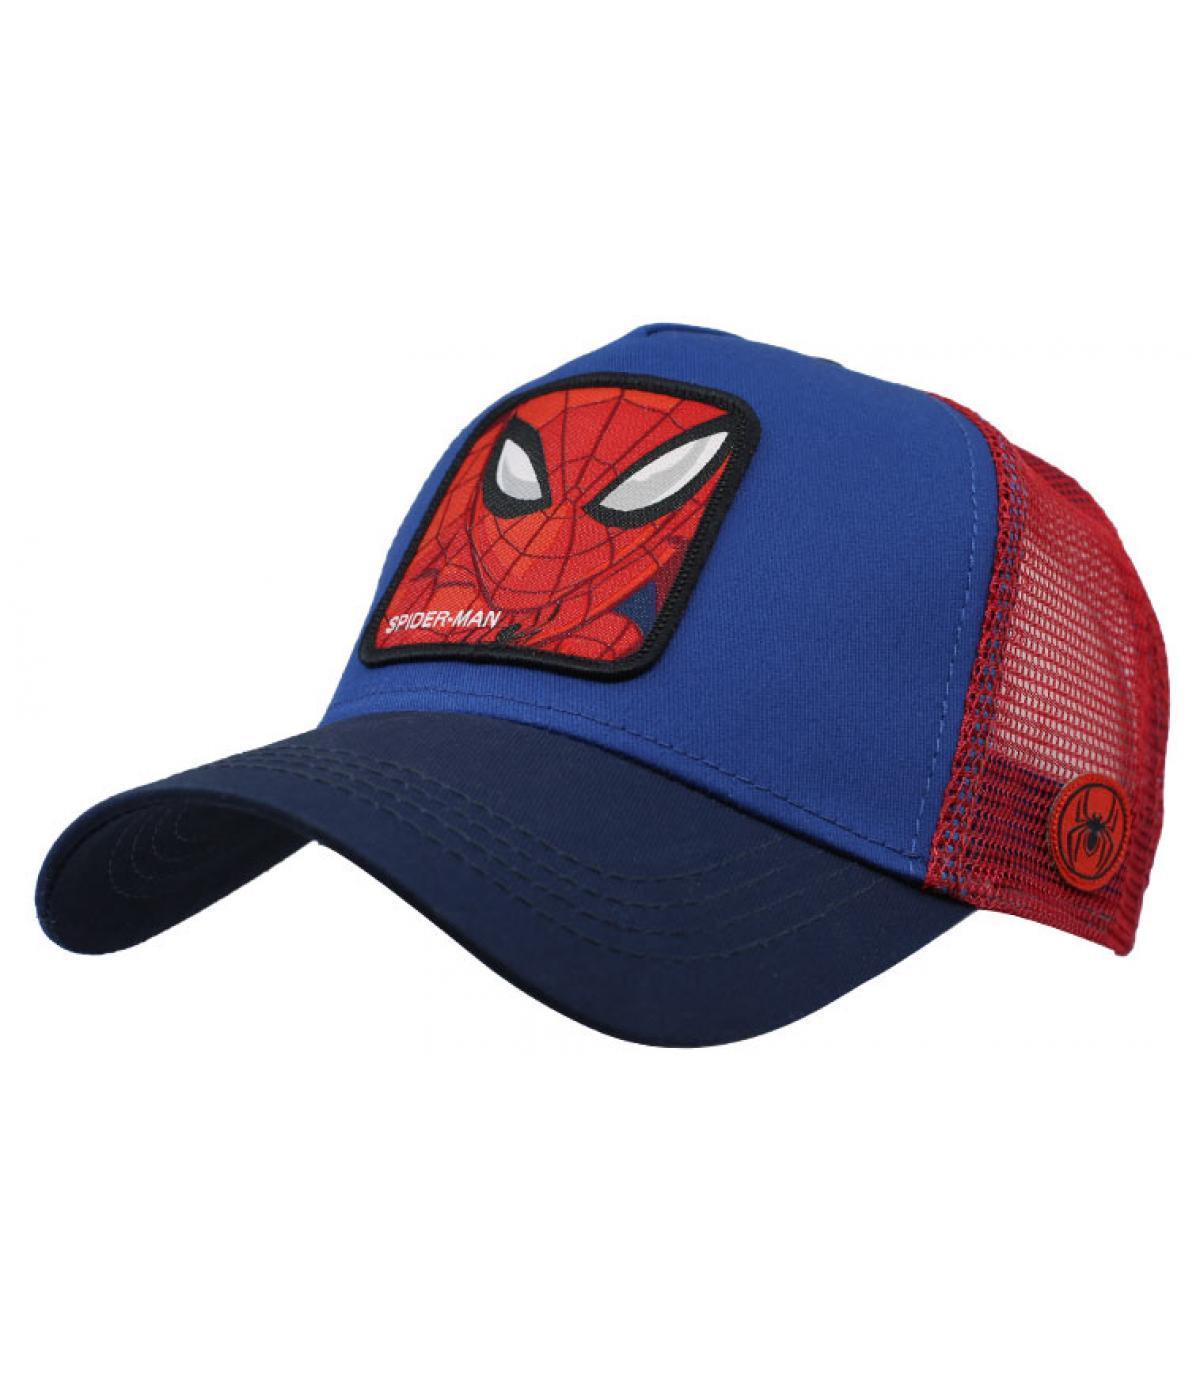 Detalles Trucker Spiderman imagen 2